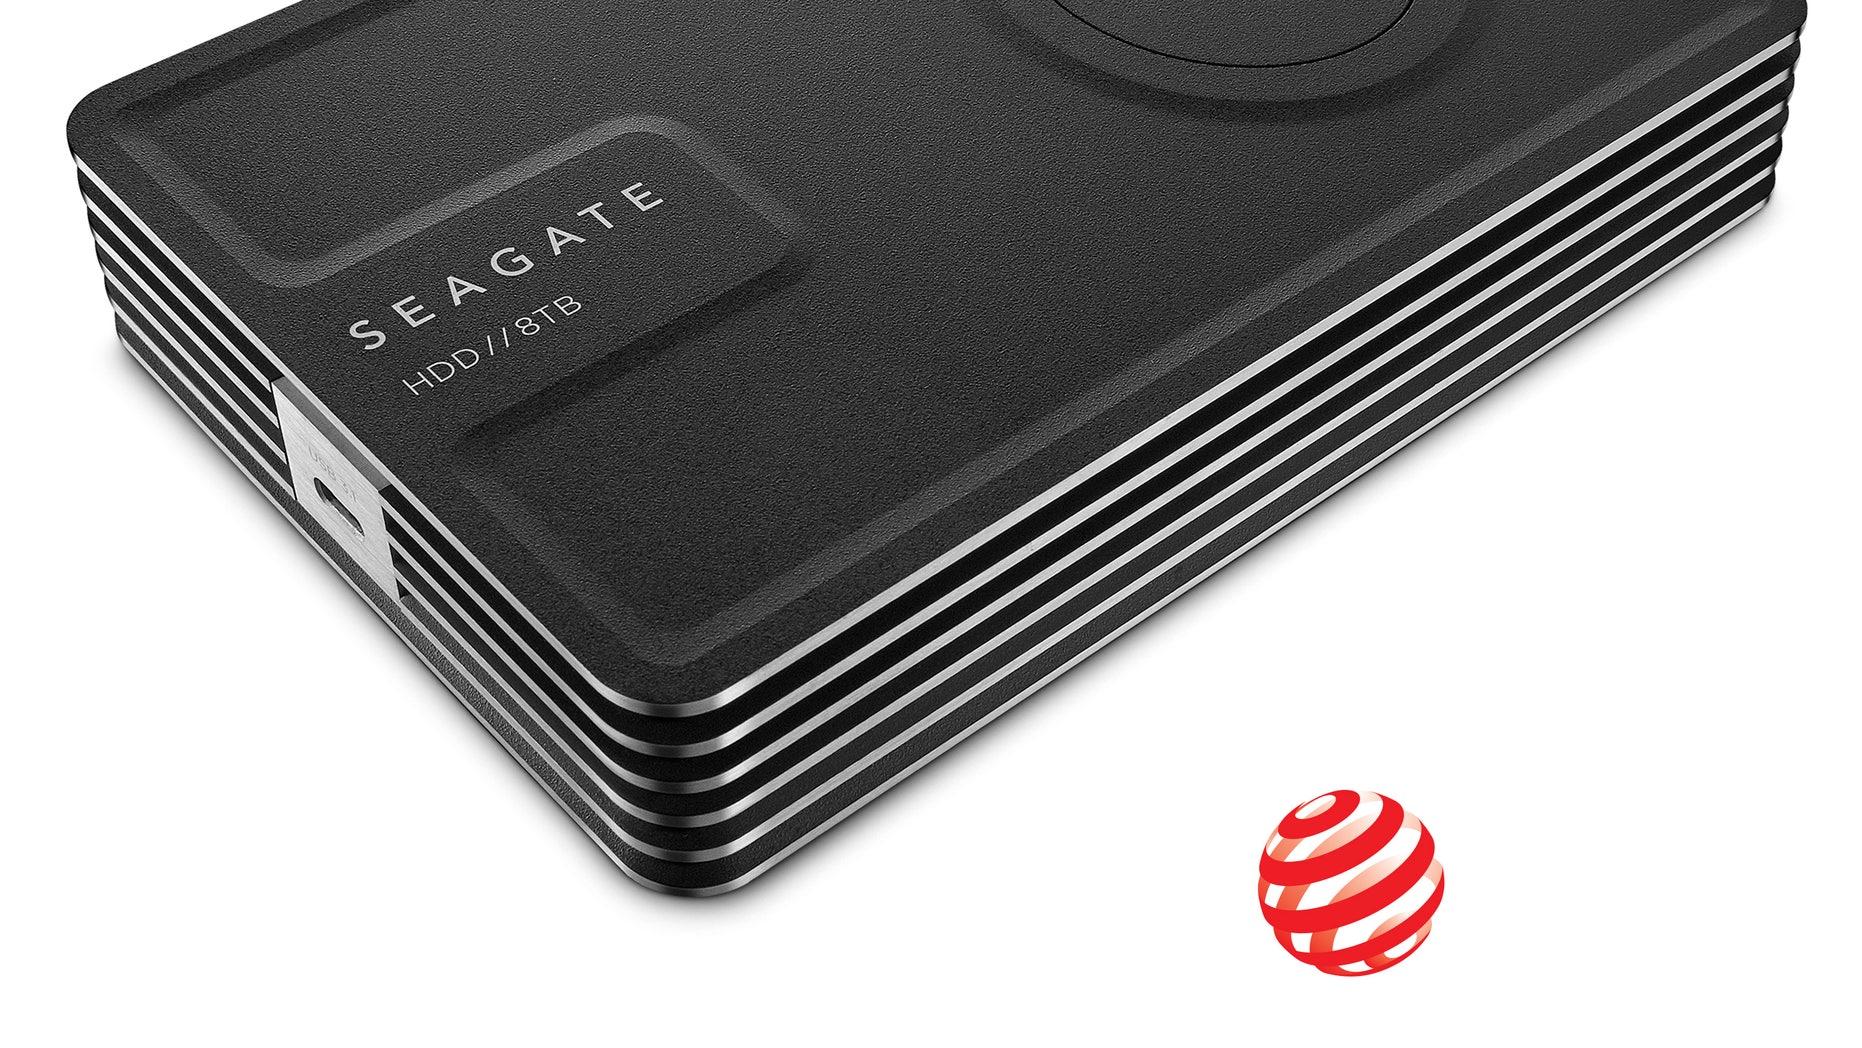 Seagate Innov8 (Seagate)